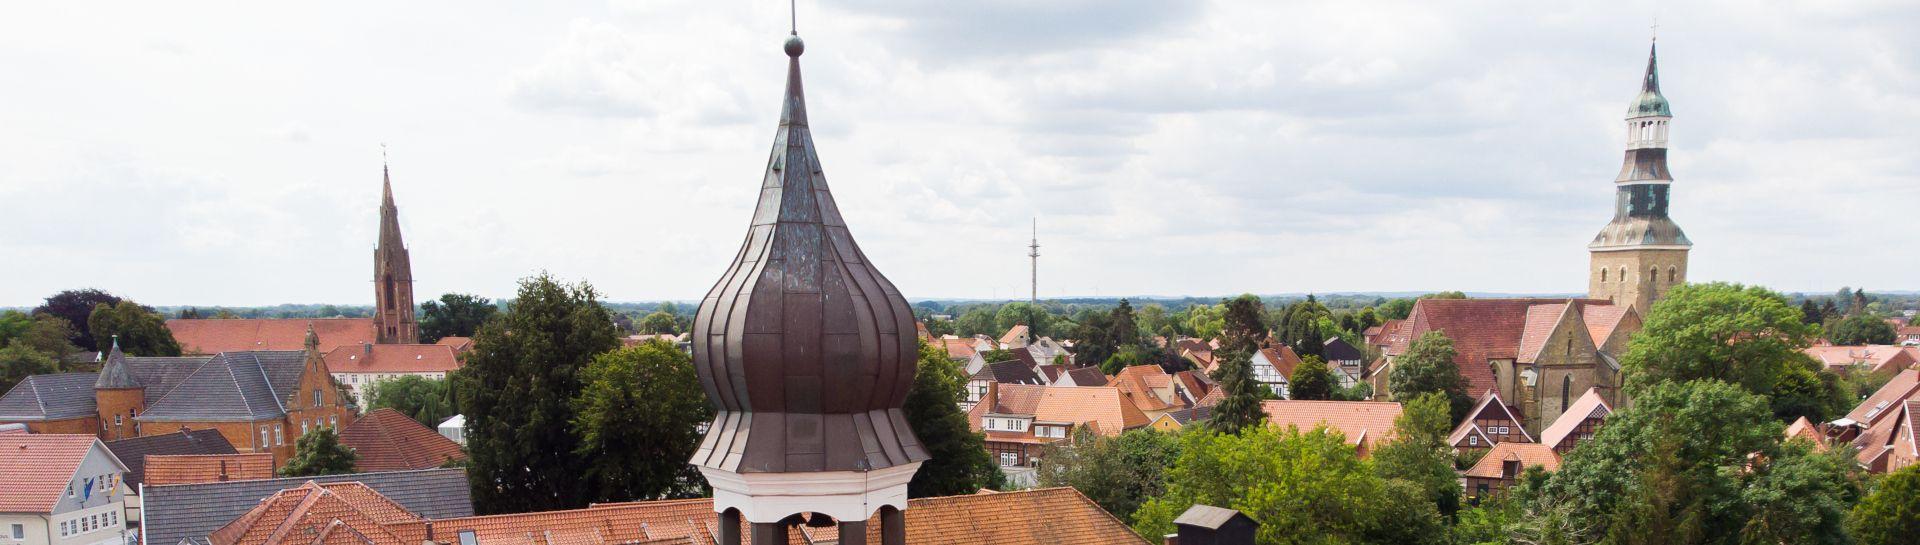 Blick auf die Quakenbruecker Skyline mit den beiden Kirchen in der Altstadt und der Hohen Pforte im Vordergrund